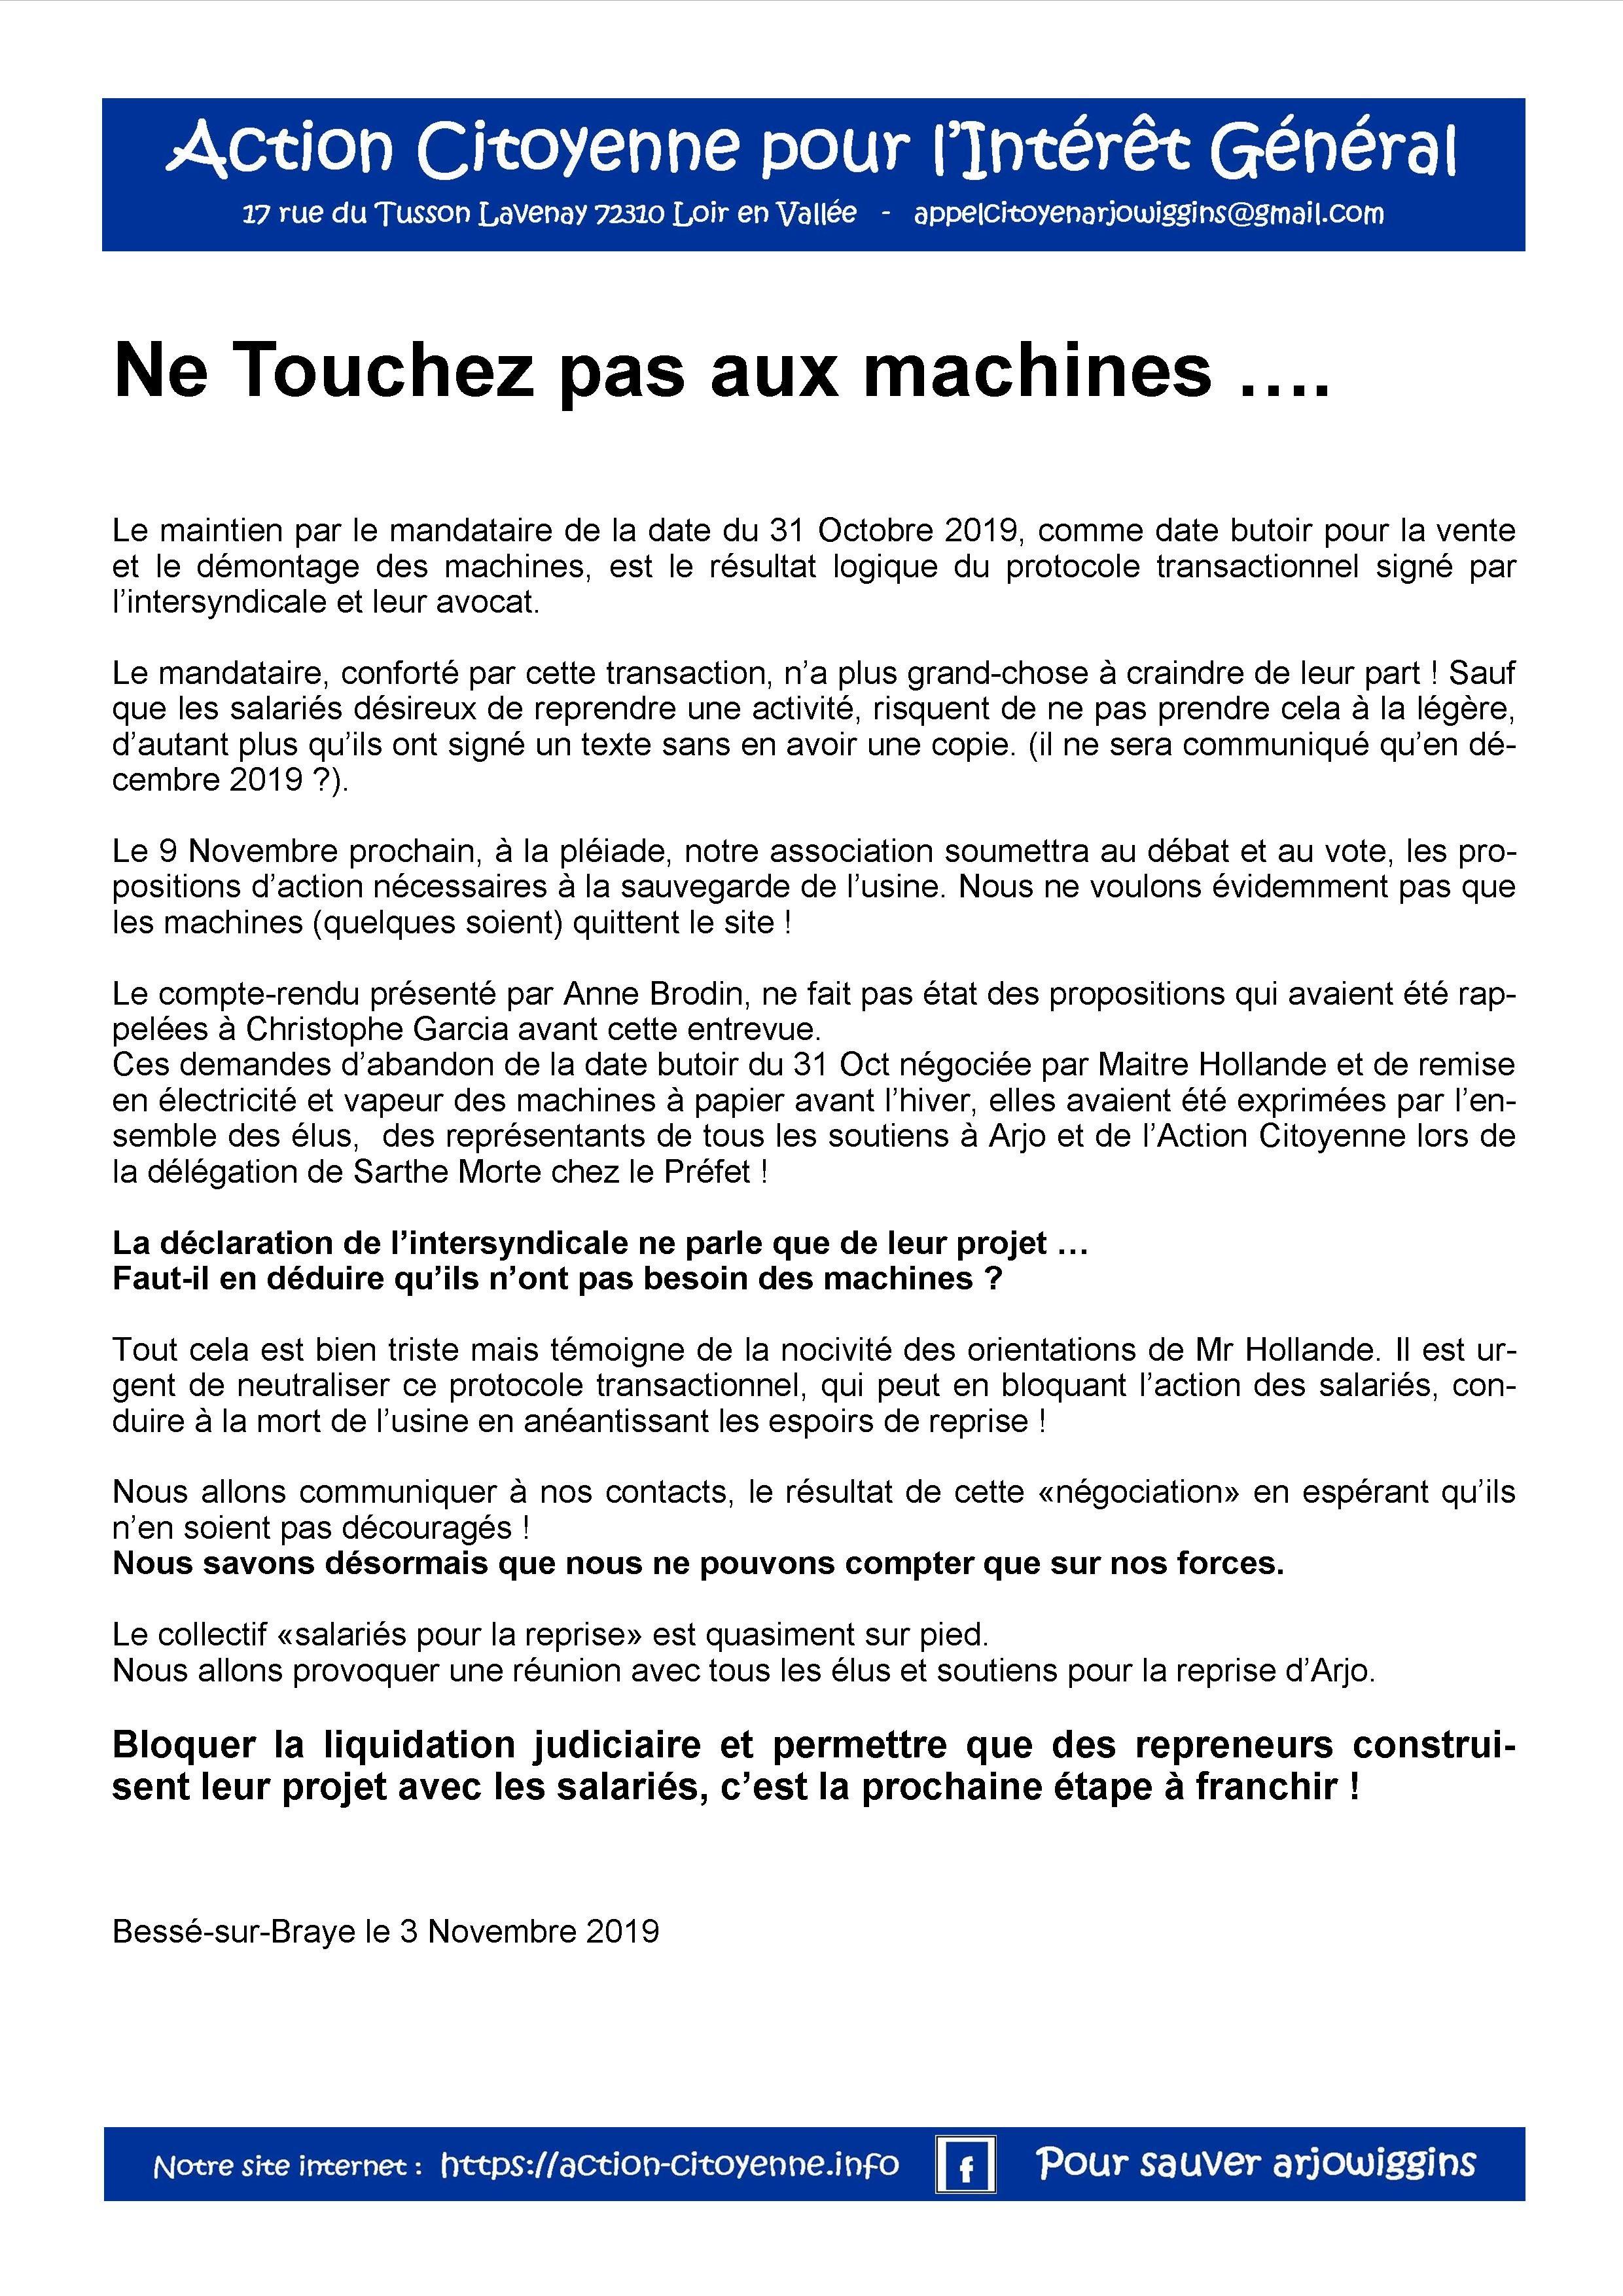 Ne touchez pas aux machines 041119